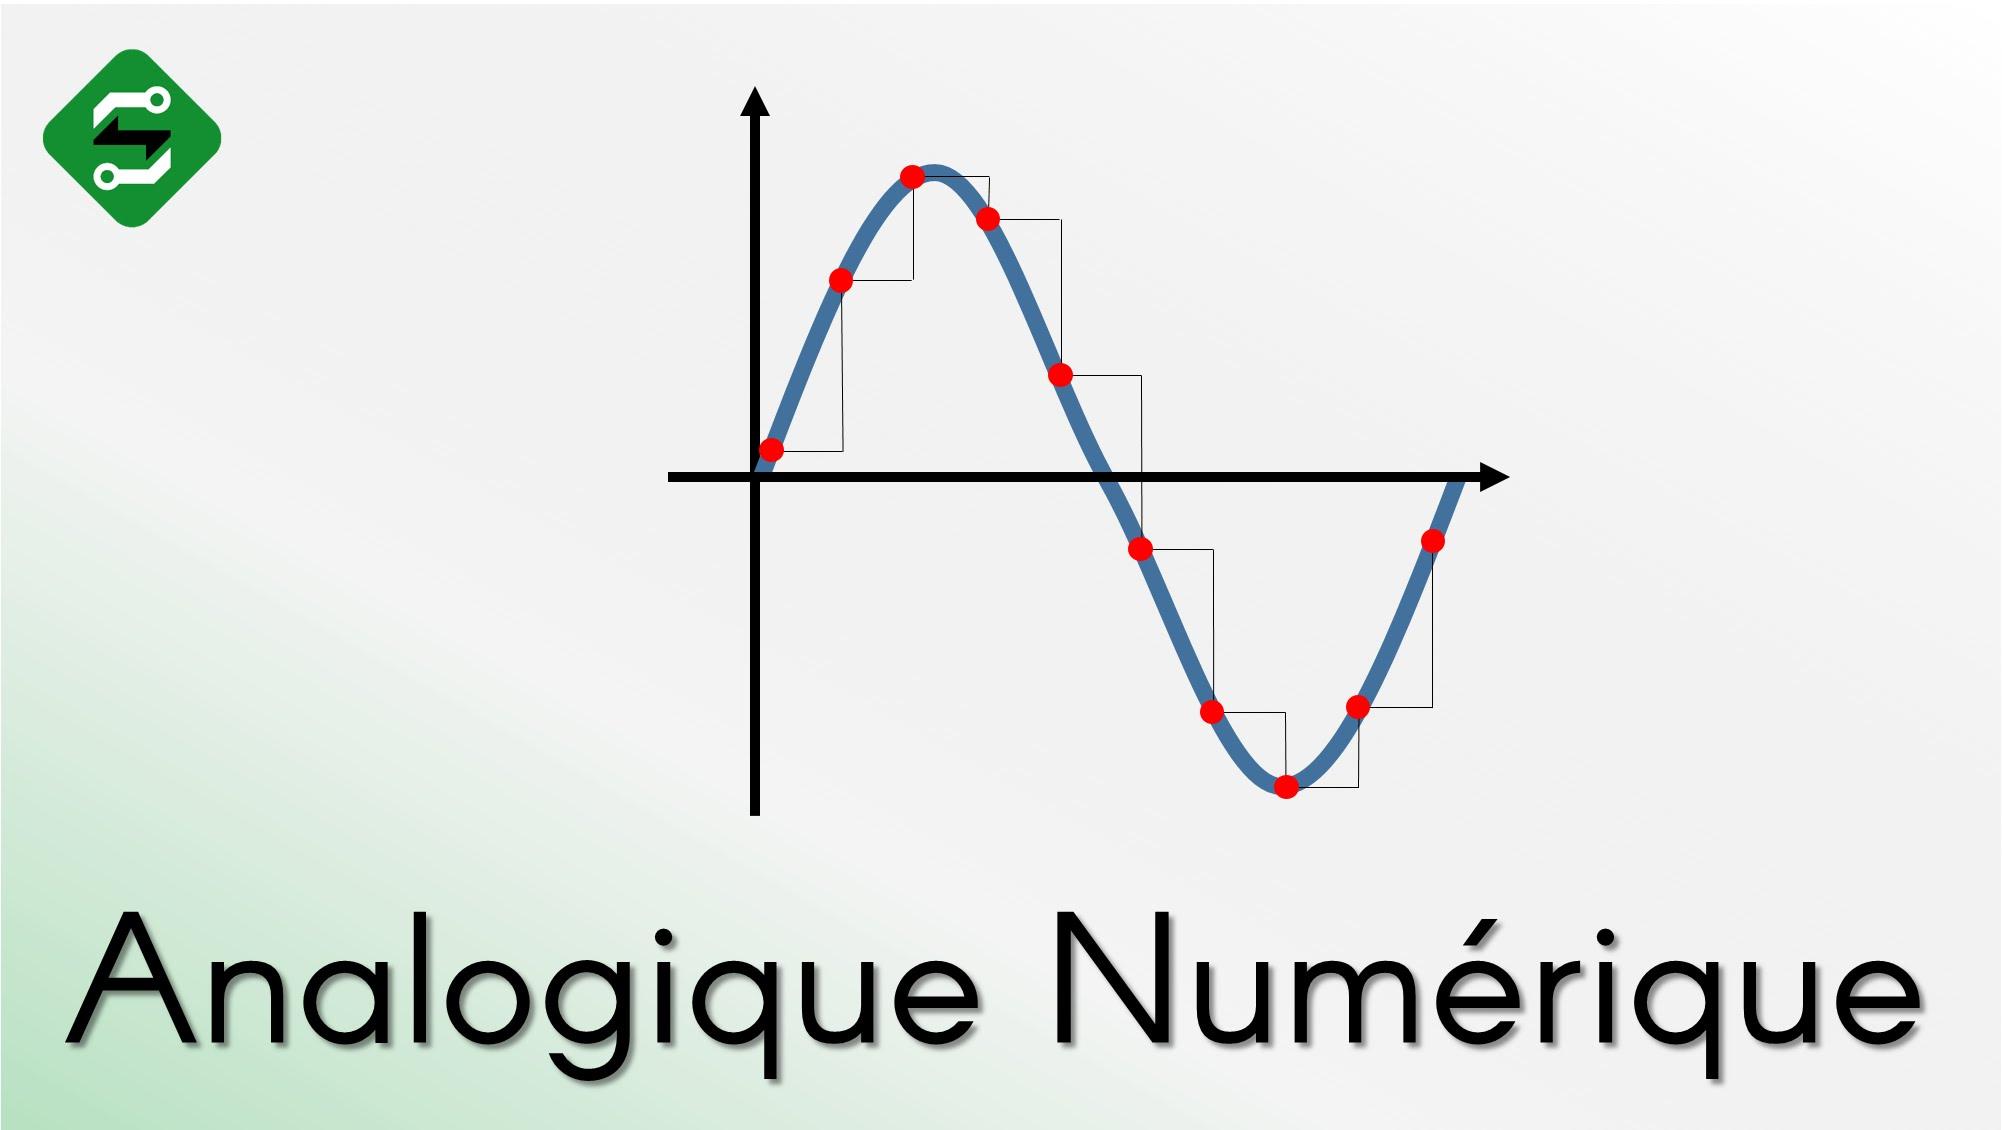 La-difference-entre-Analogique-Numerique-SILIS-Electronique